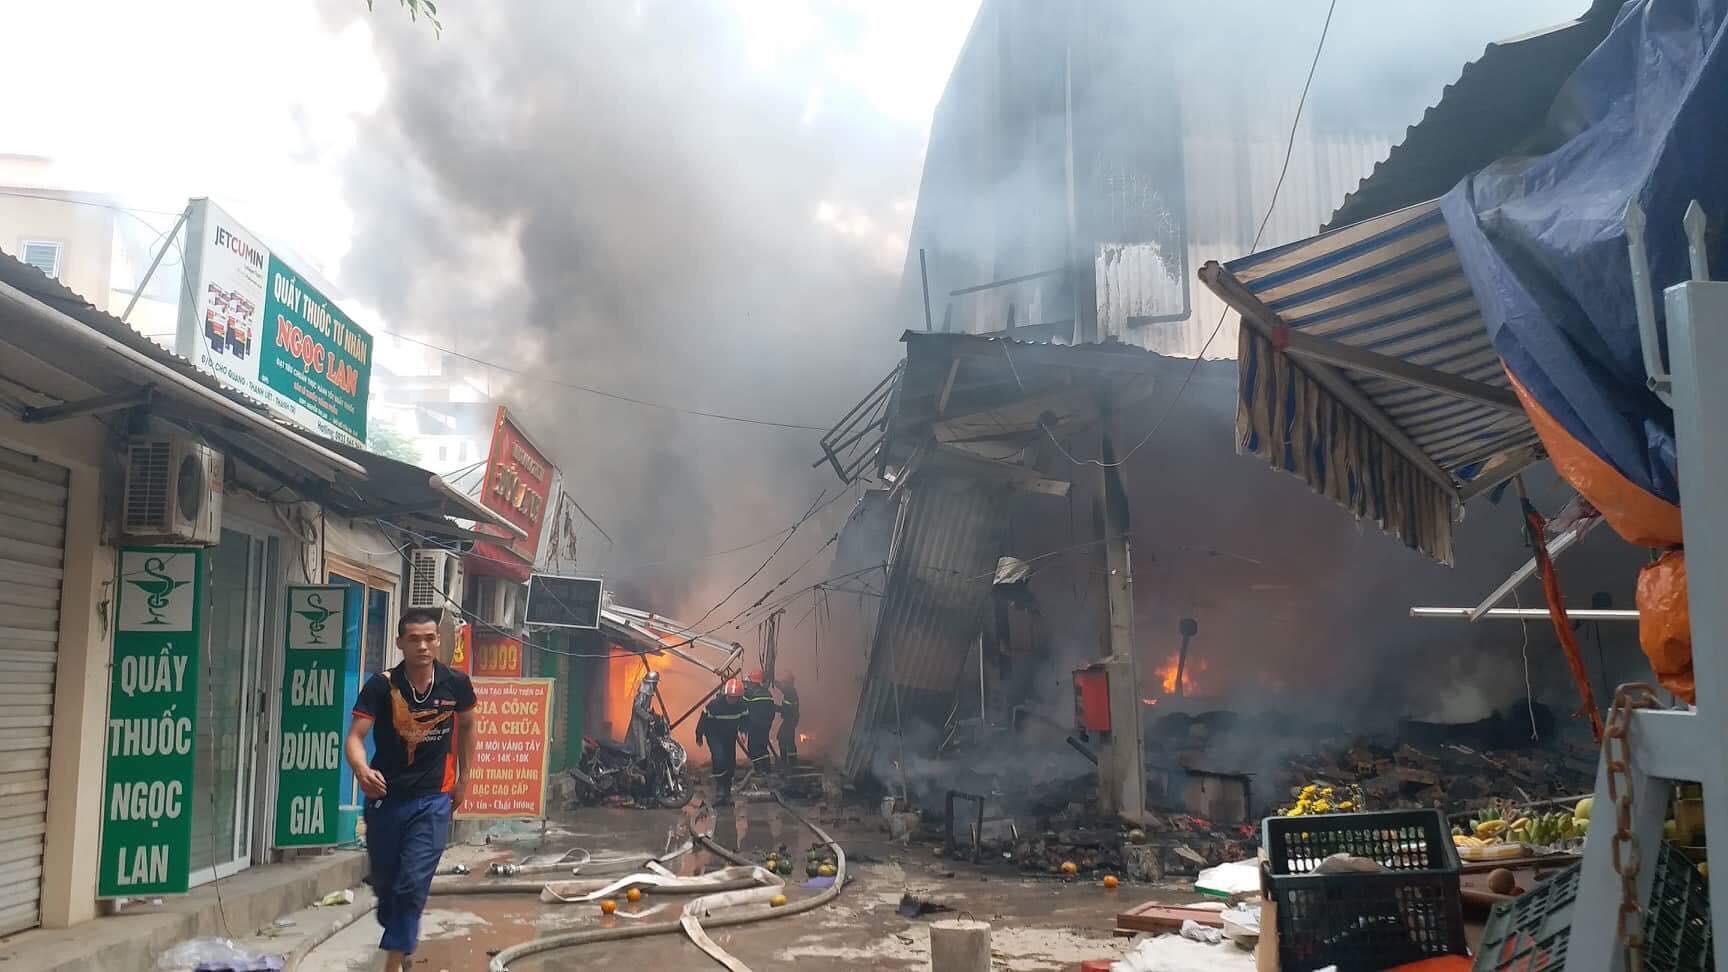 Hà Nội: Đang cháy rất lớn ở chợ Quang, vẫn còn người mắc kẹt liên tục kêu cứu - Ảnh 4.